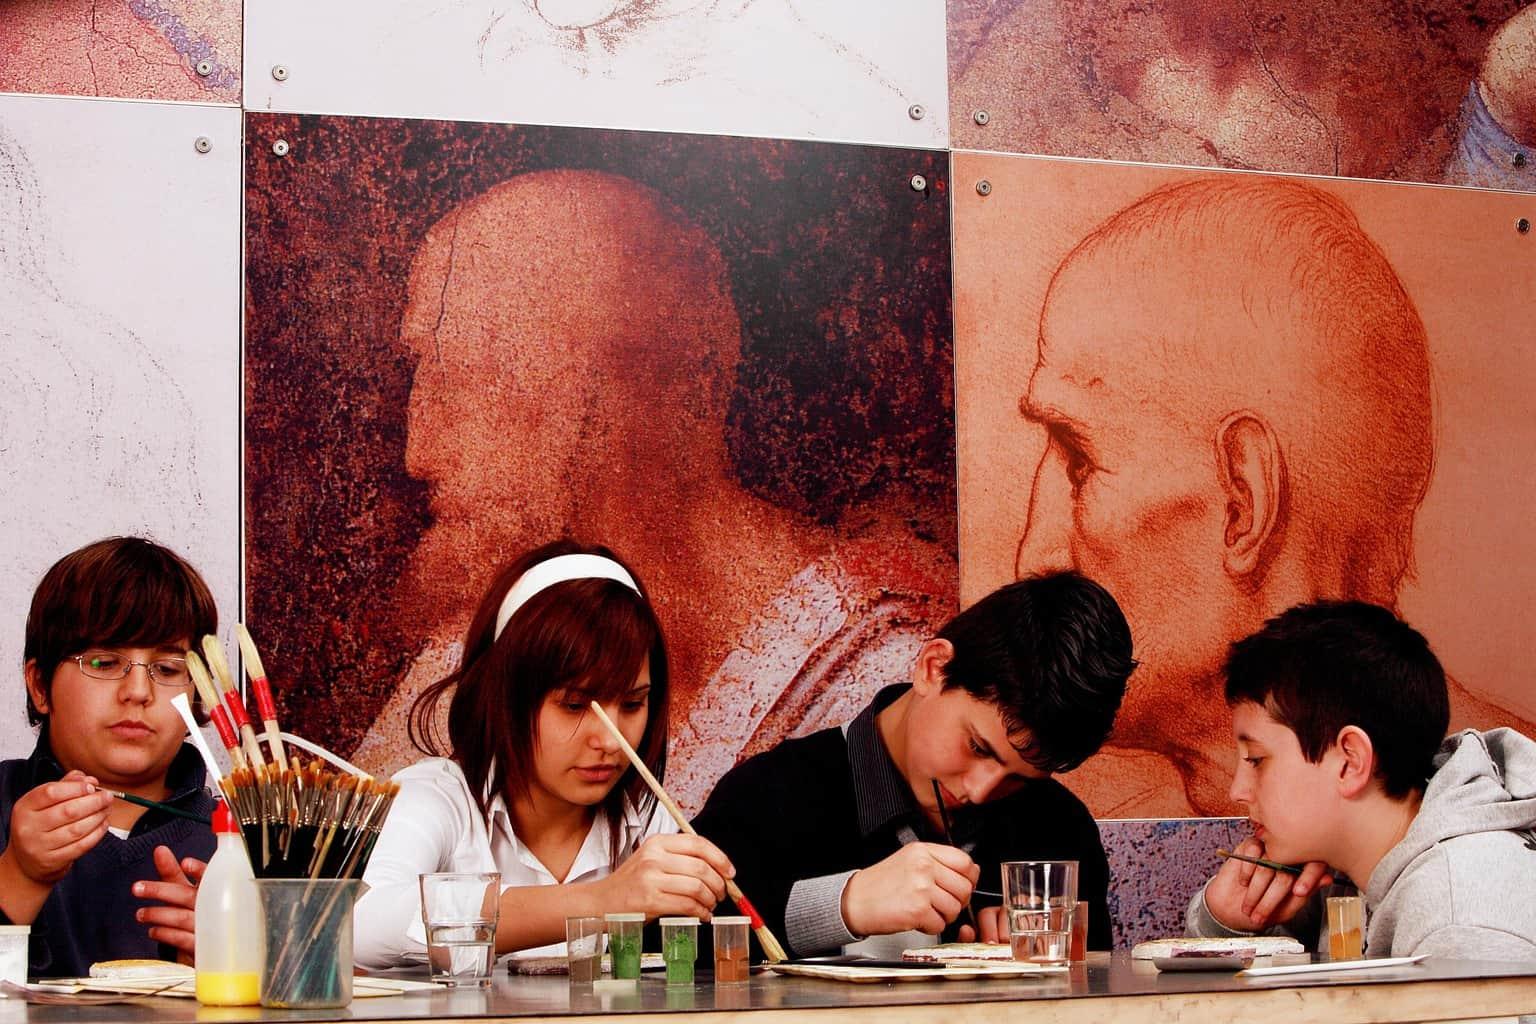 Museo nazionale scienza e tecnologia Milano ©Mauro Fermariello - 2009